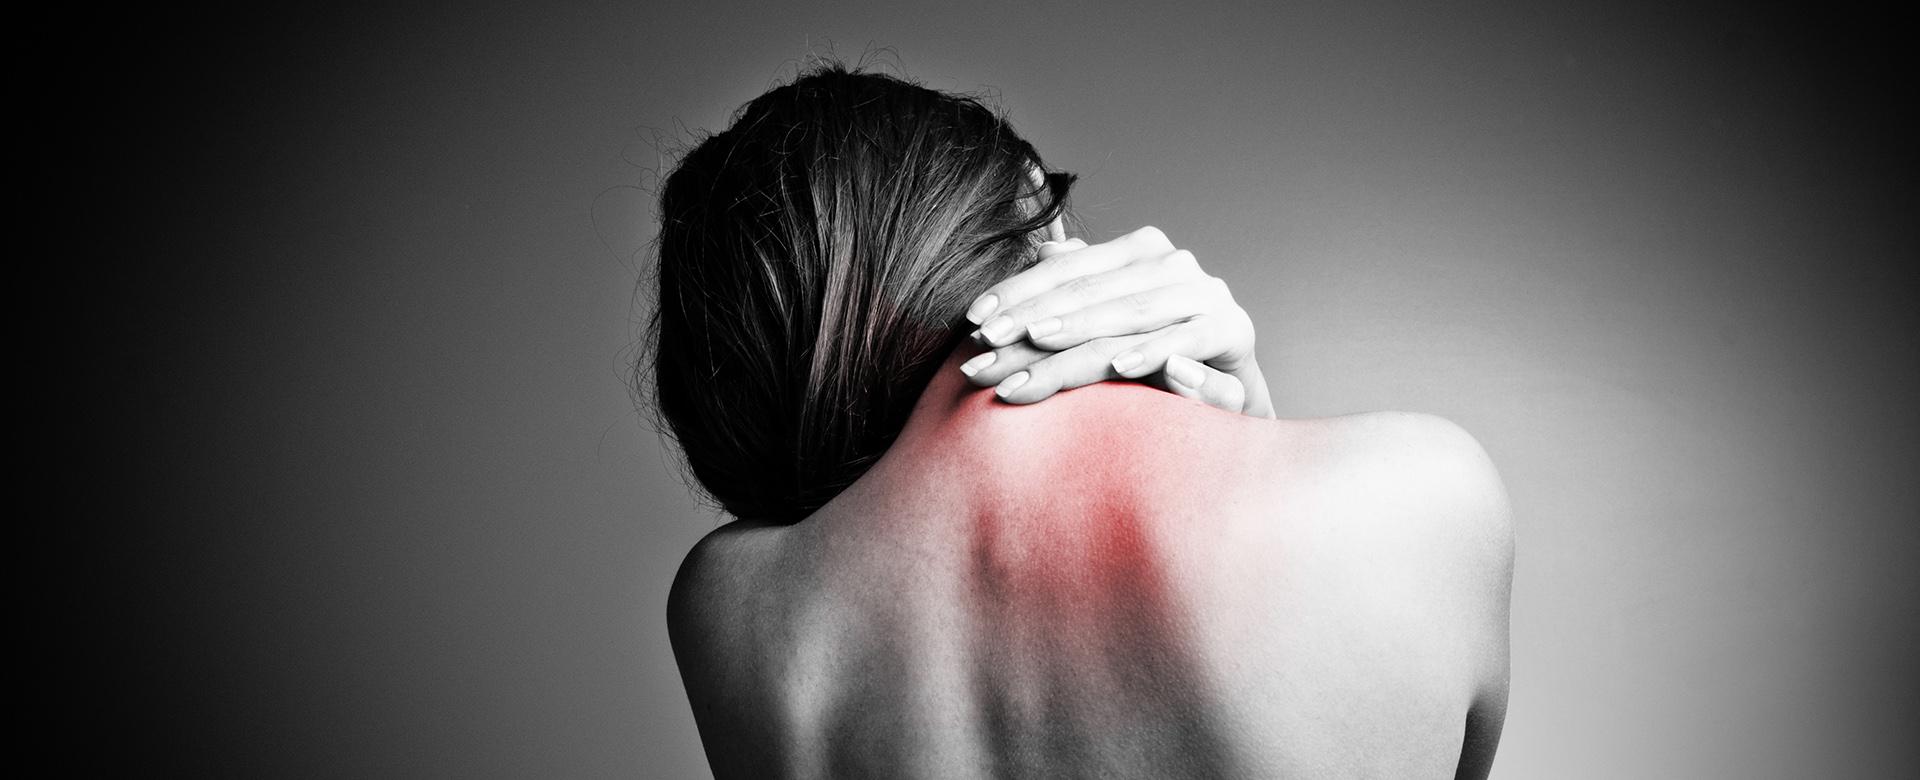 Οστεοπόρωση στις γυναίκες